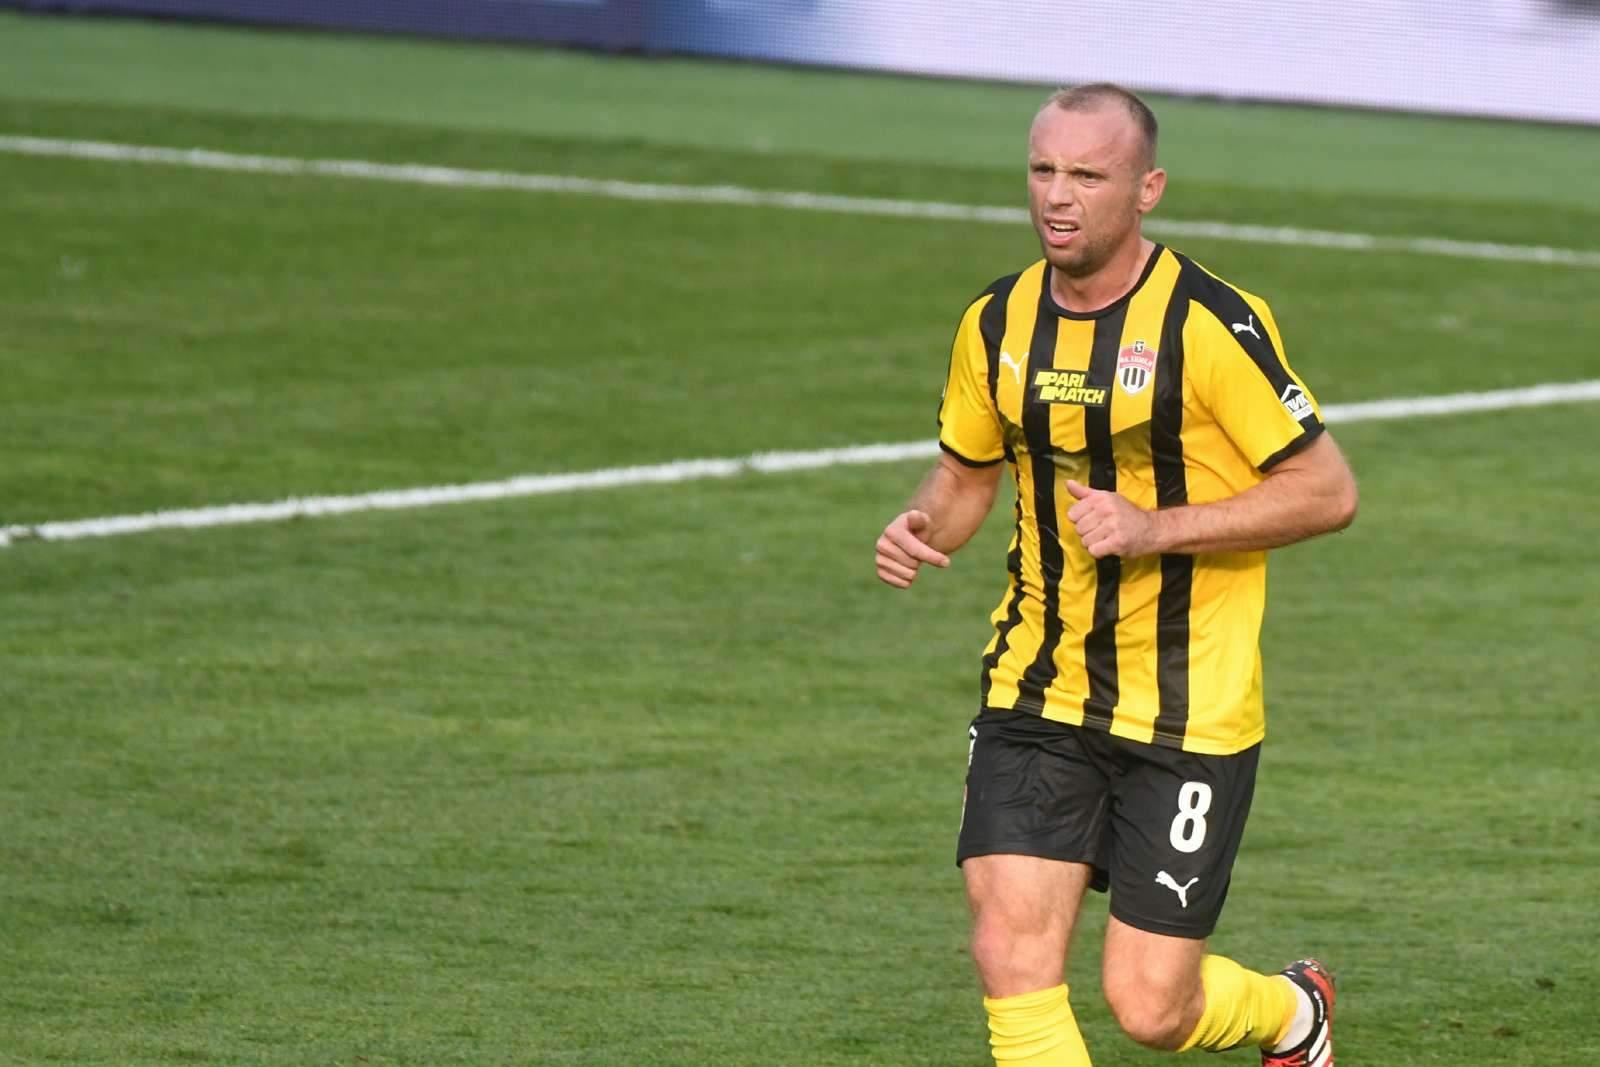 Глушаков: «Кокорин - хороший, состоявшийся футболист, а не перспективный и талантливый»